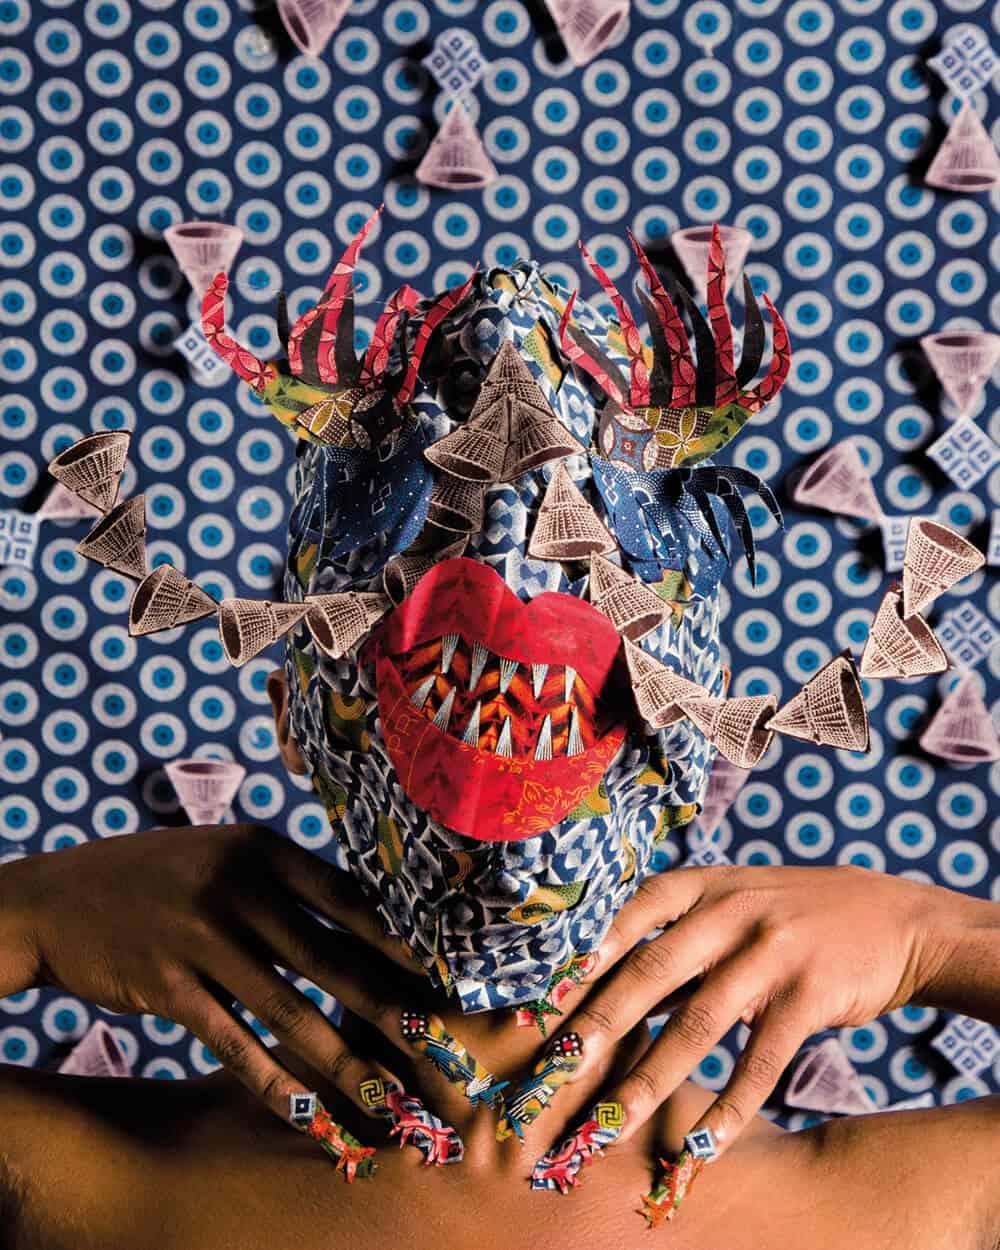 Siwa Mgoboza. Les Etres DAfricadia (Masquer) II. 59.2 x 42 cm. Ed di 5 + 3AP copia